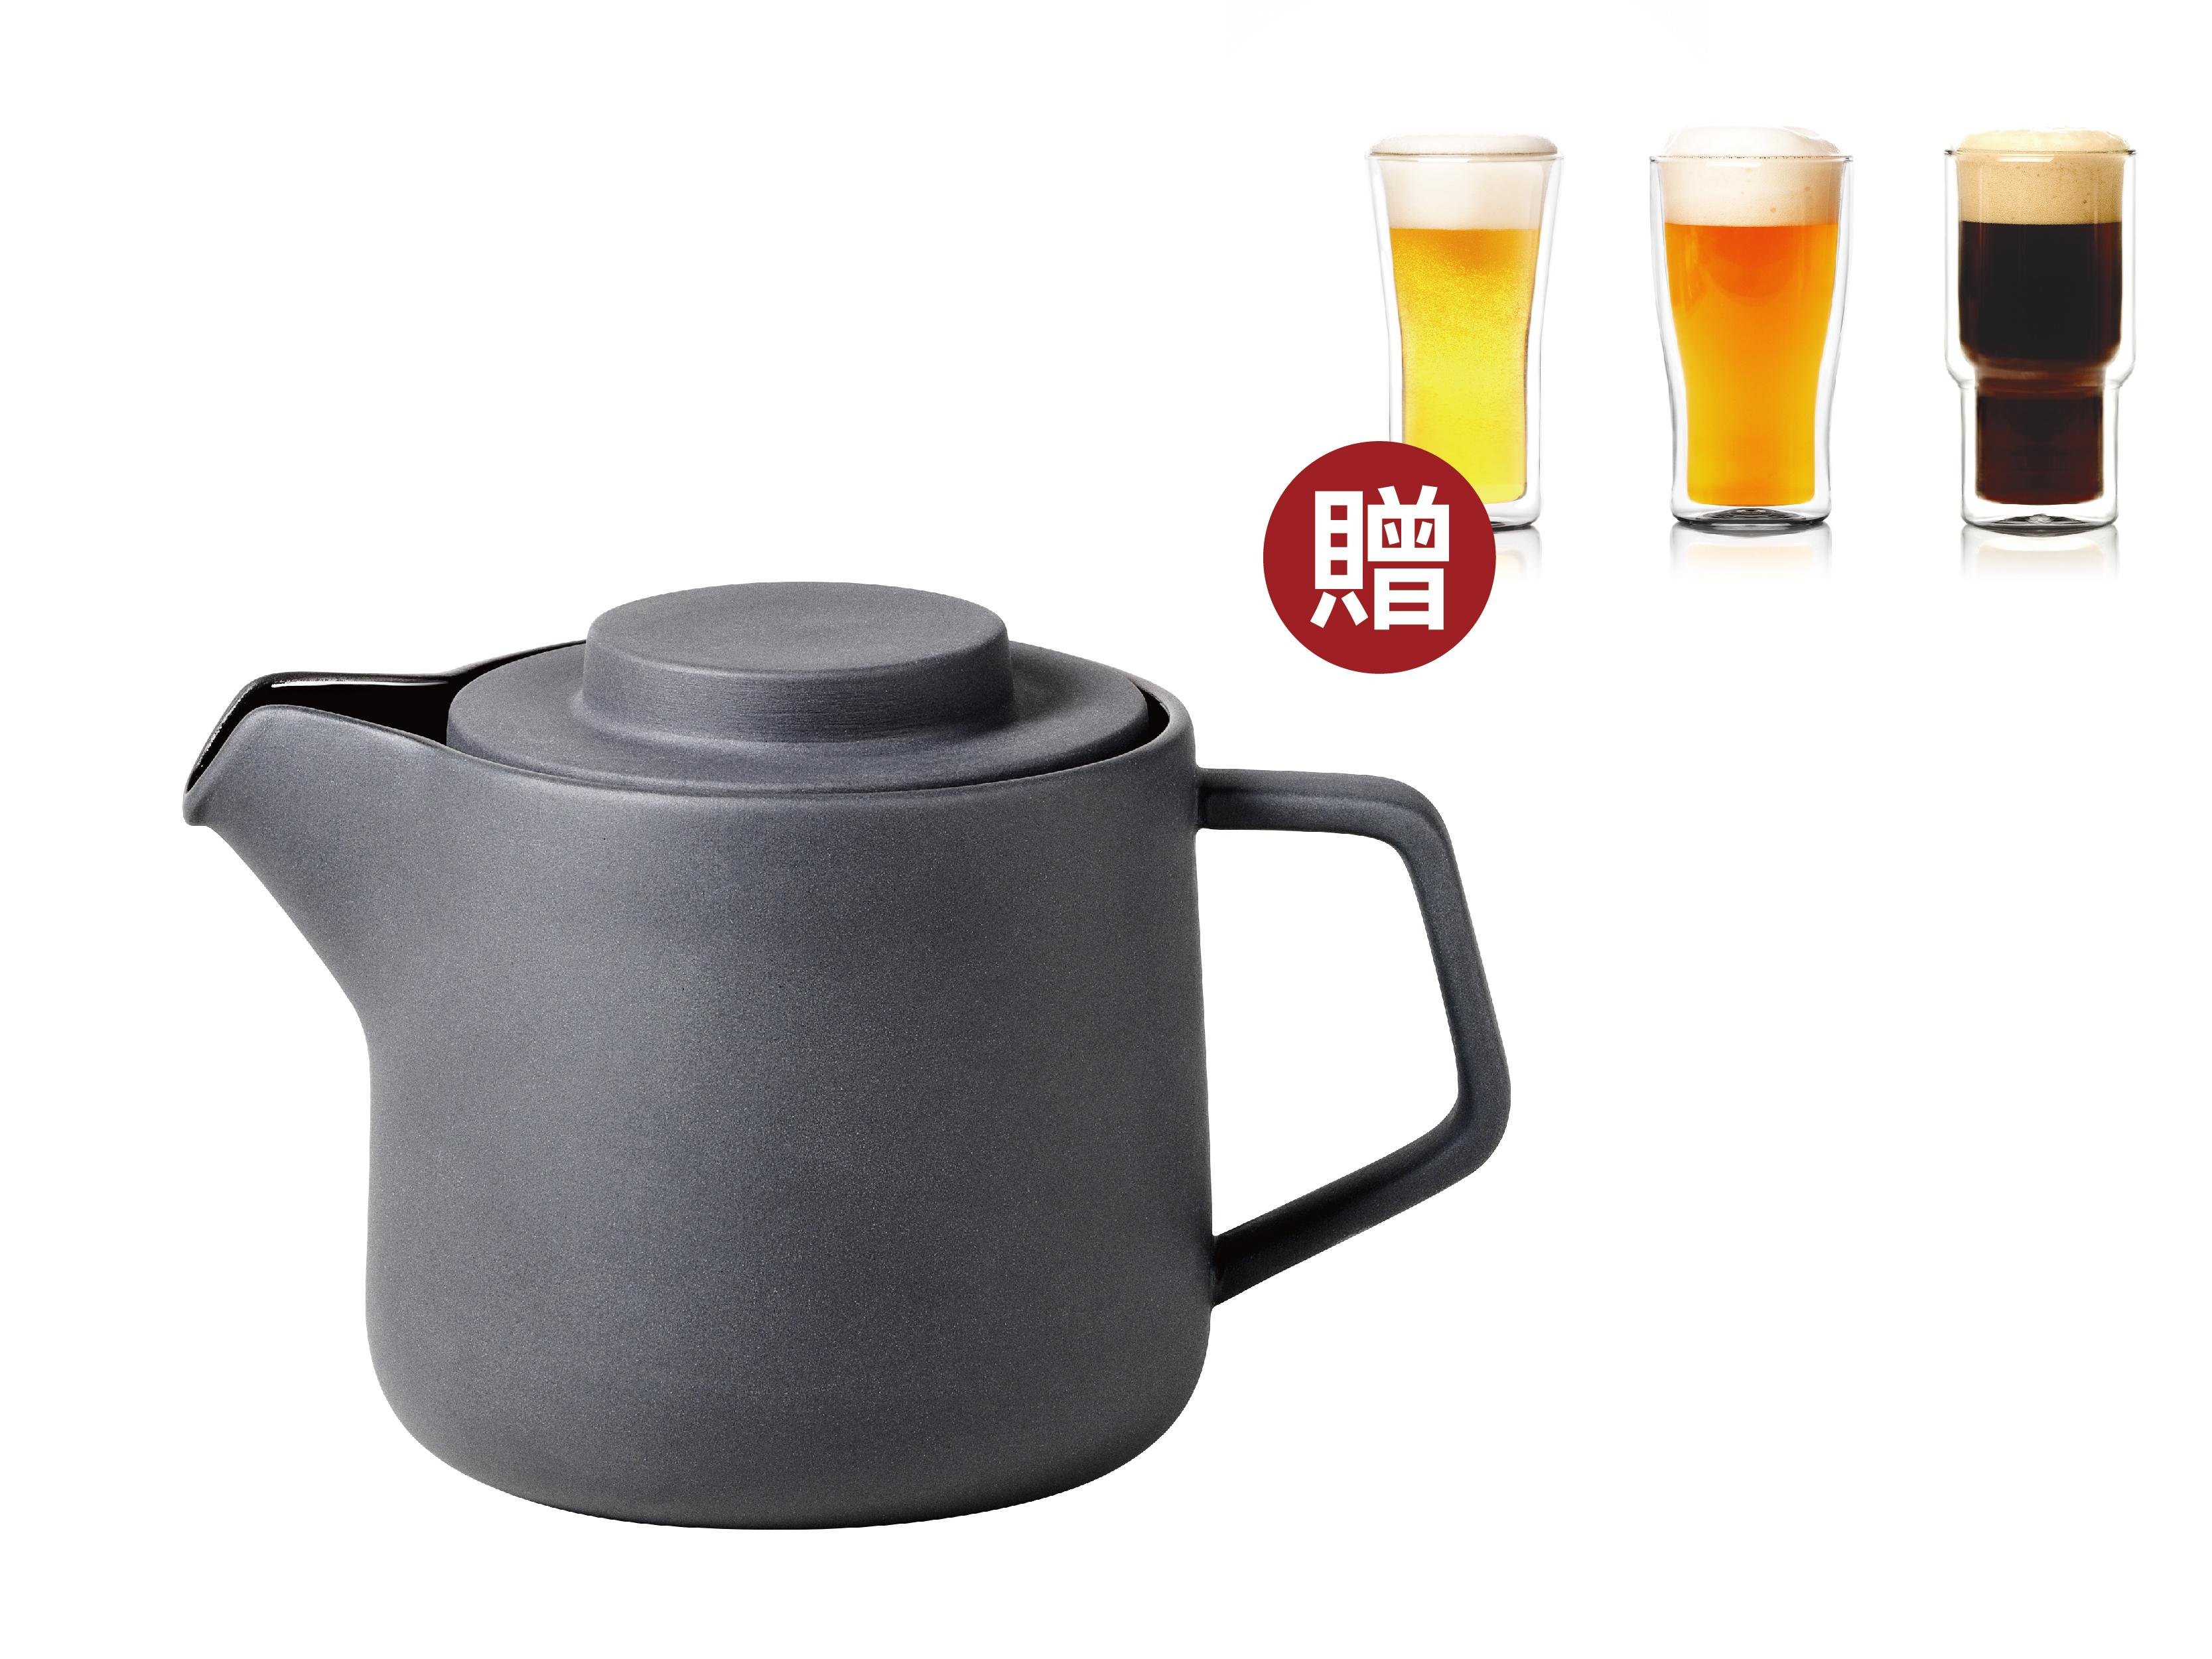 THAT! 咖啡・茶兩用壺(贈:雙層玻璃杯)